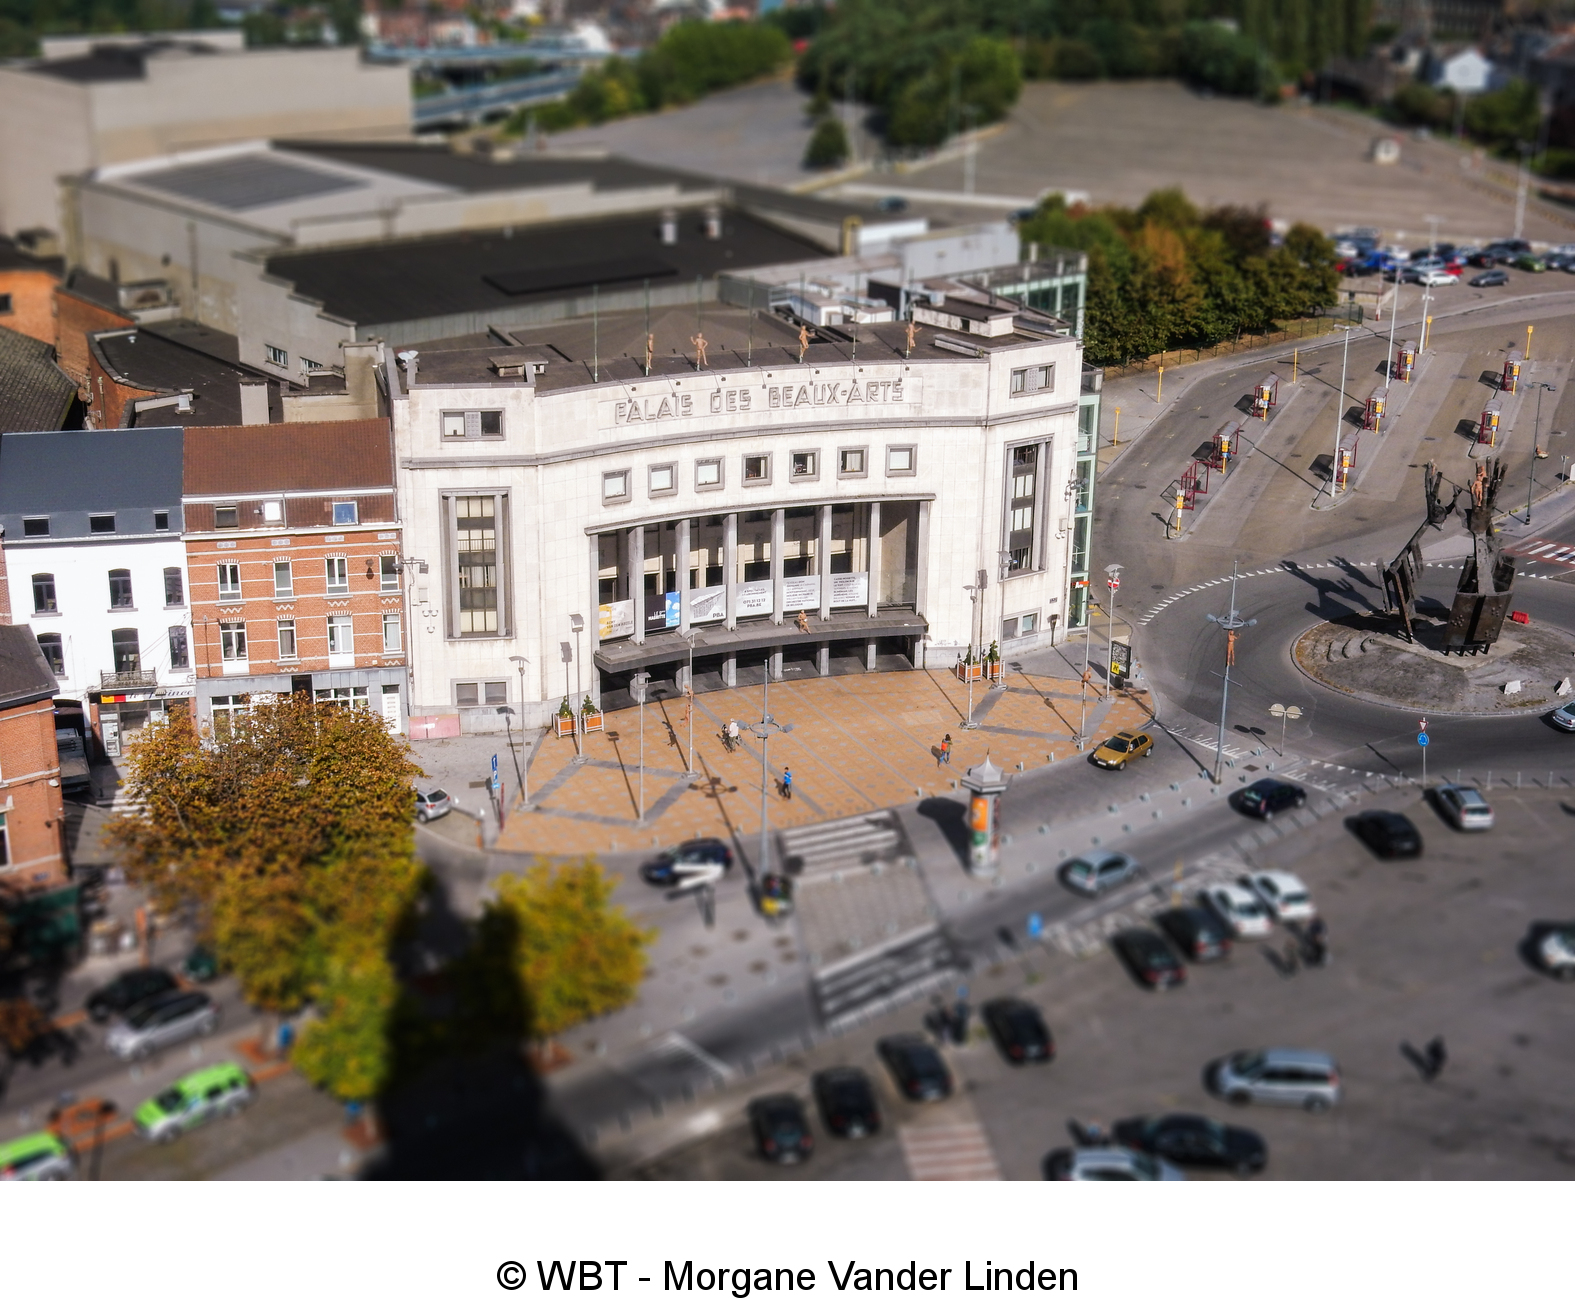 Bekijk de mooiste voorstellingen in het Paleis voor Schone Kunsten van Charleroi